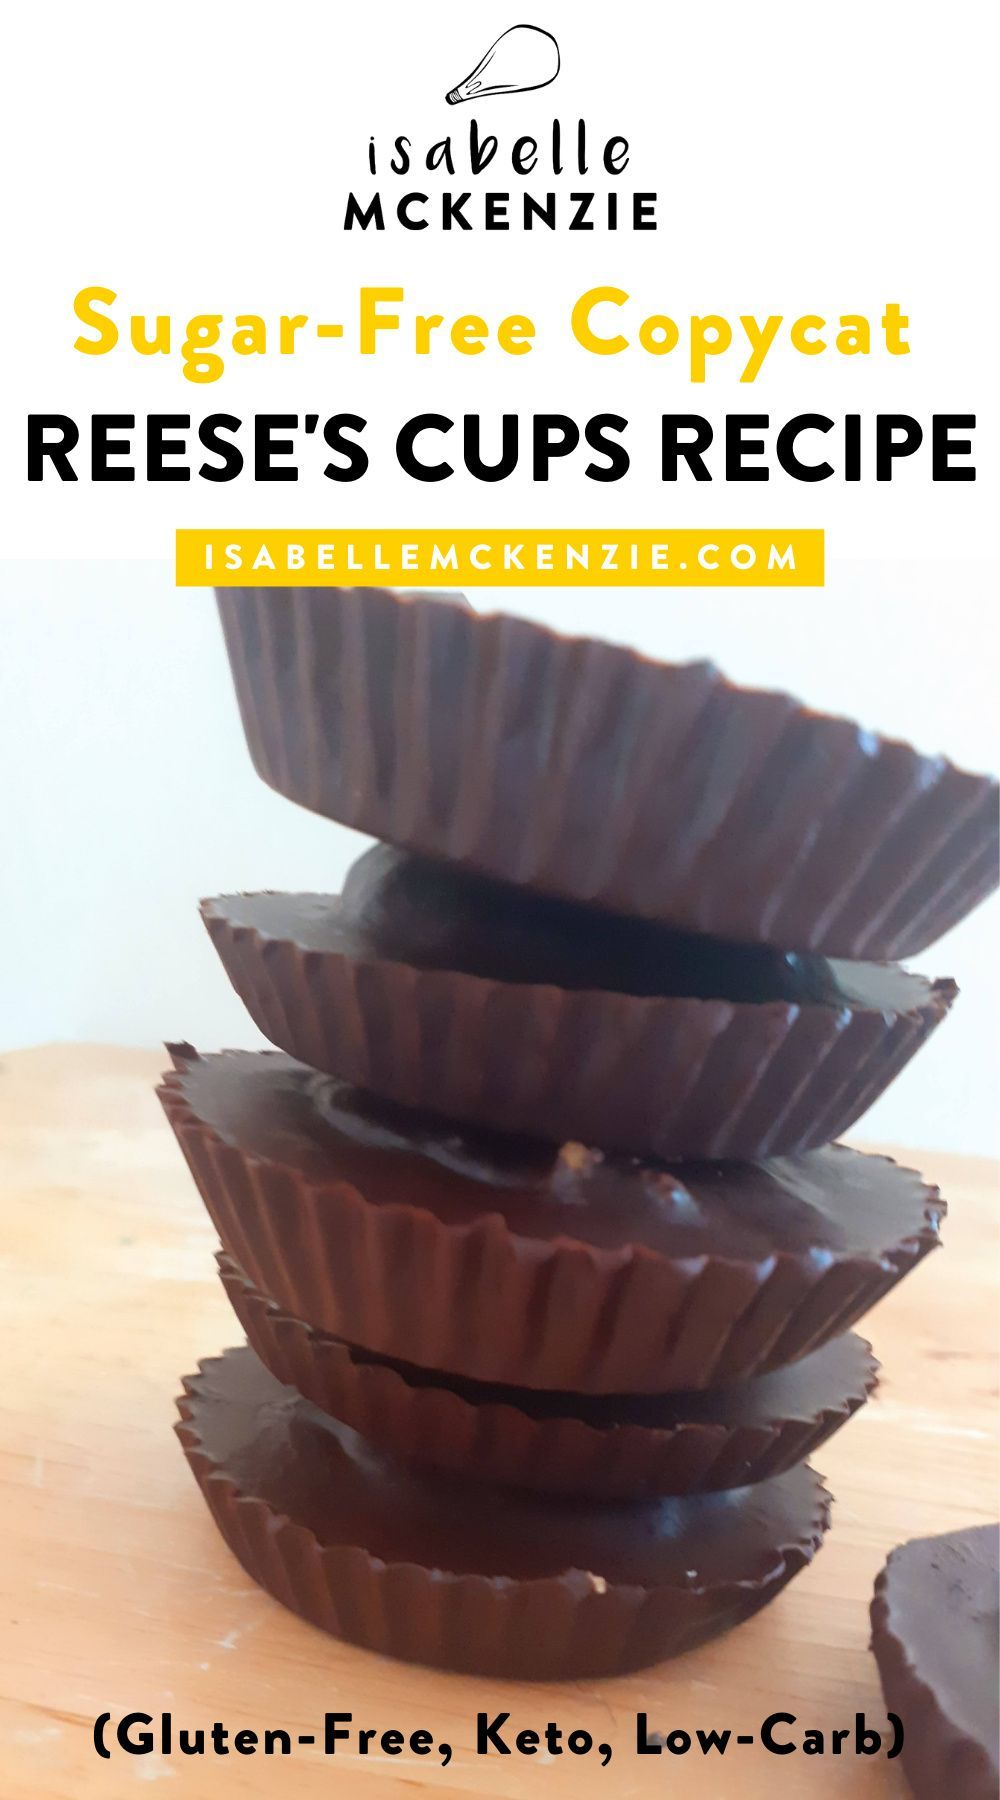 Sugar Free Peanut Butter Cups Recipe Vegan Gluten Free Keto Low Carb Reese S Peanut Butter Cups Recipe Sugar Free Peanut Butter Delicious Treats Recipes